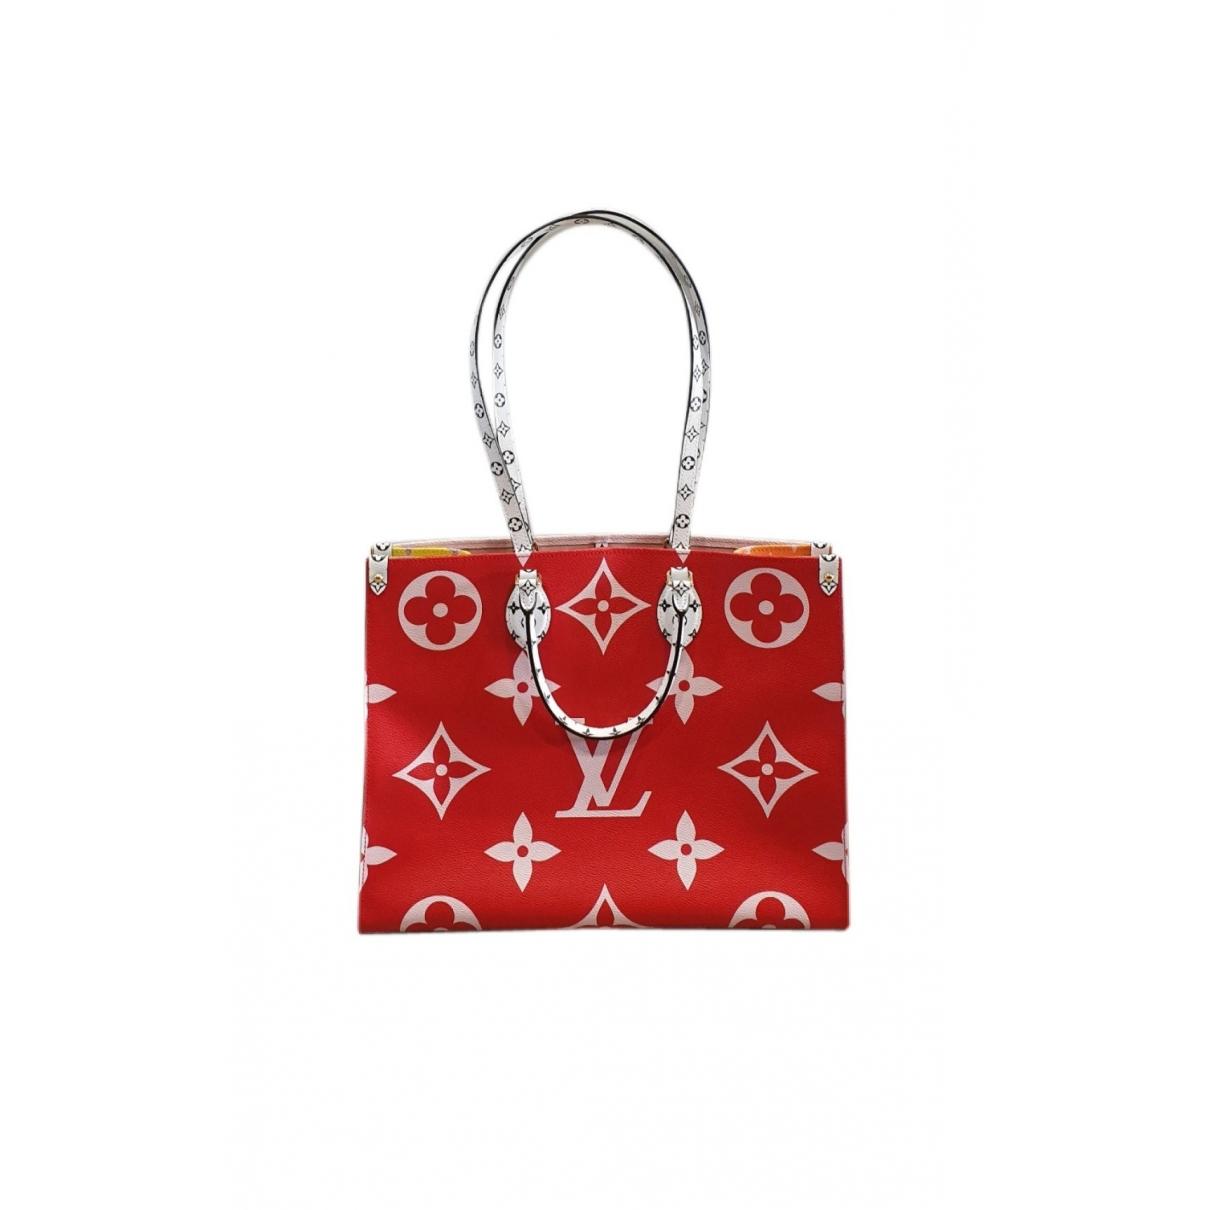 Louis Vuitton Onthego Handtasche in  Rot Leinen